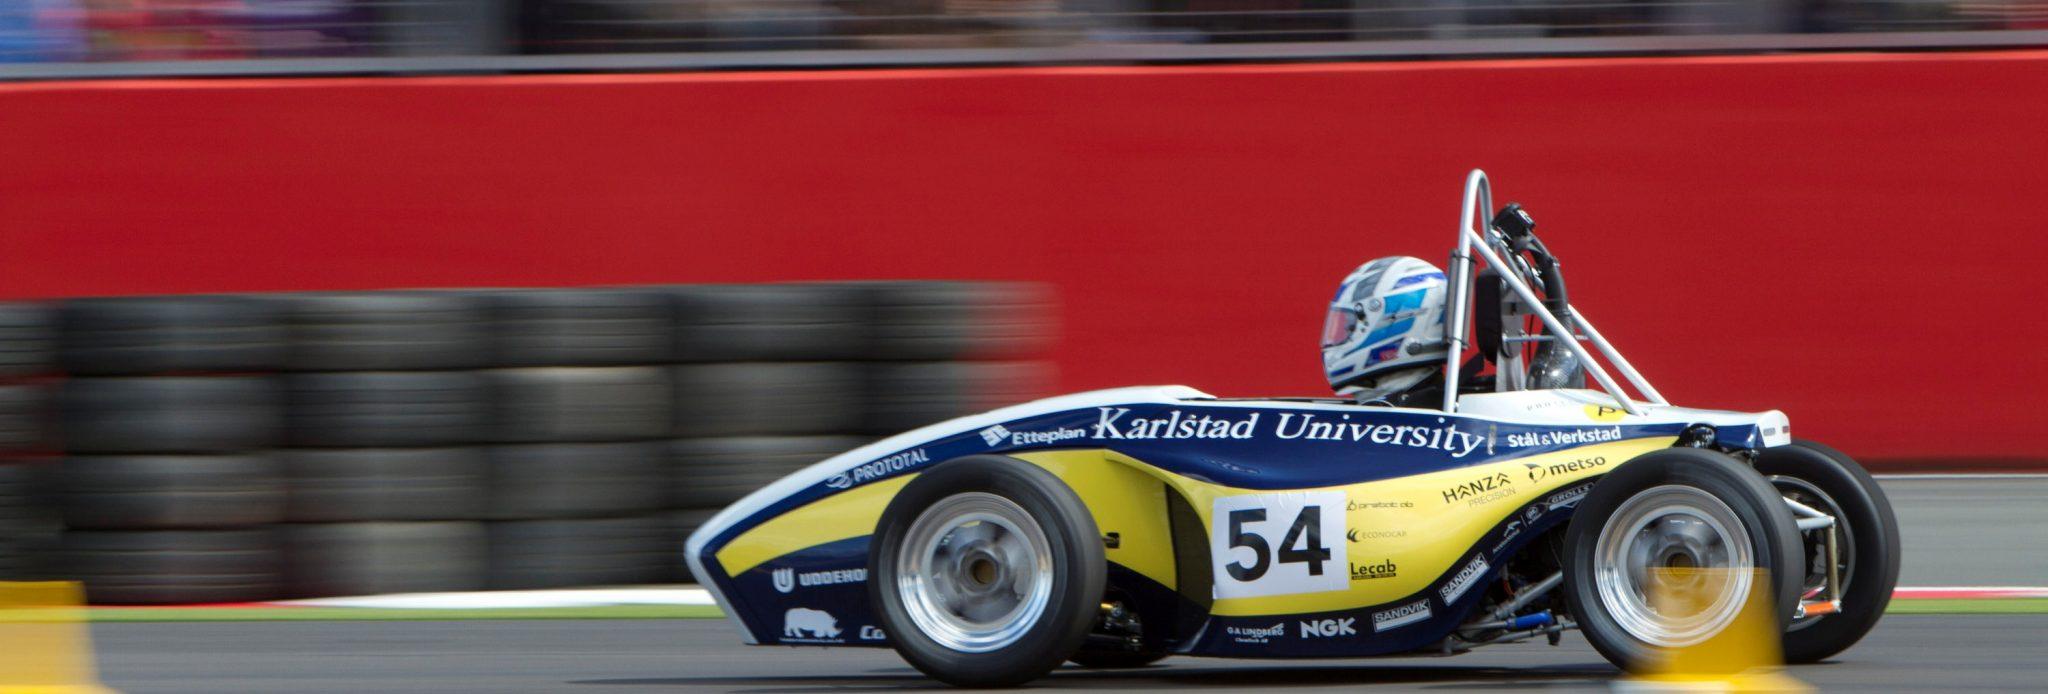 Formula Student Karlstad 2011